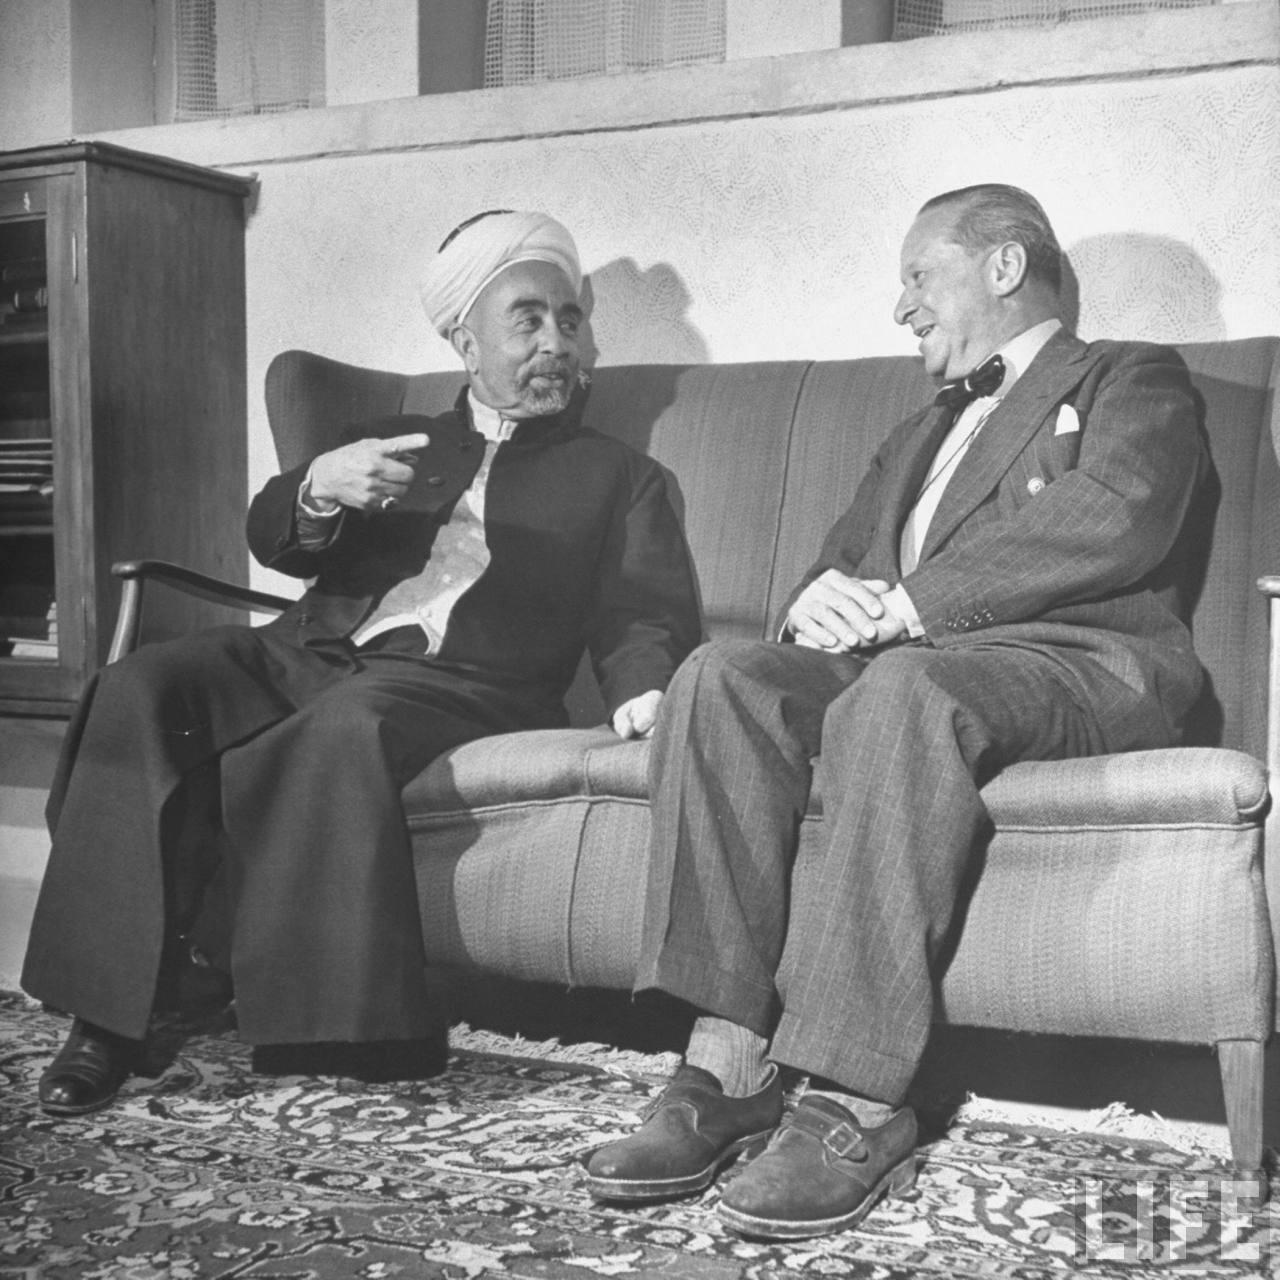 Король Абдулла ибн Хусейн беседует с бывшим Верховным комиссаром Палестины сэром Гарри Люком. Июнь